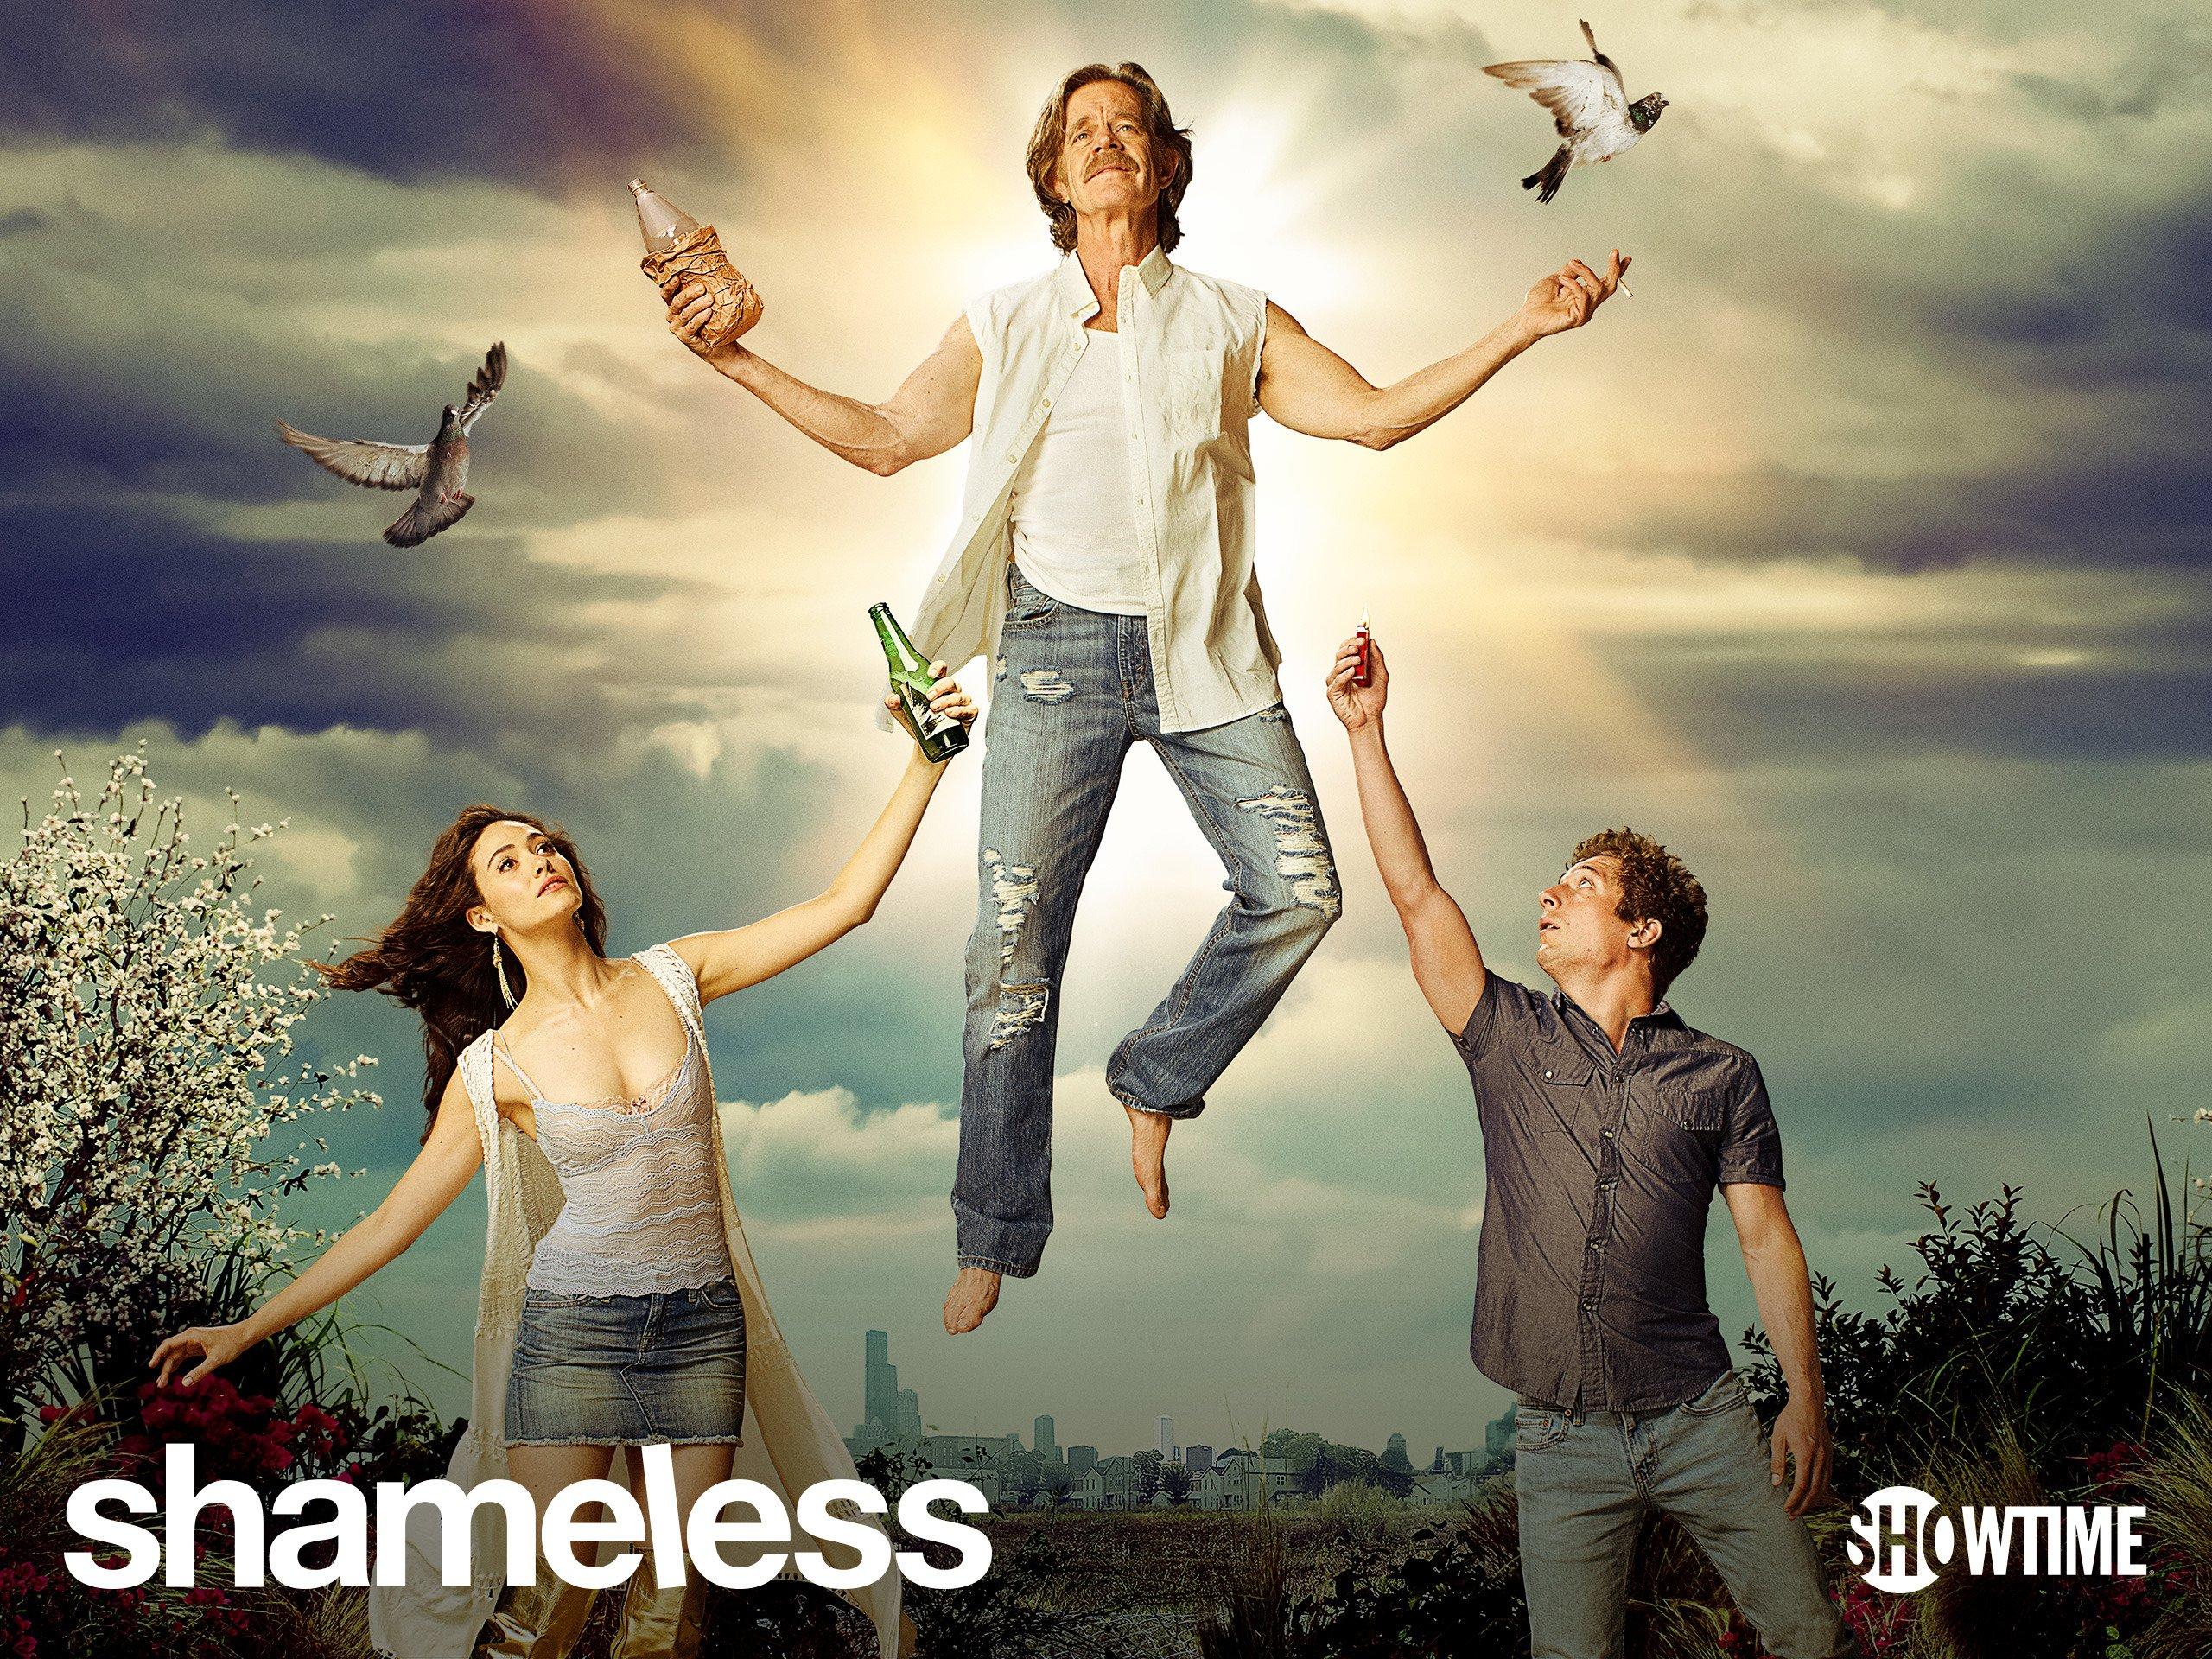 shameless season 5 episode 4 stream